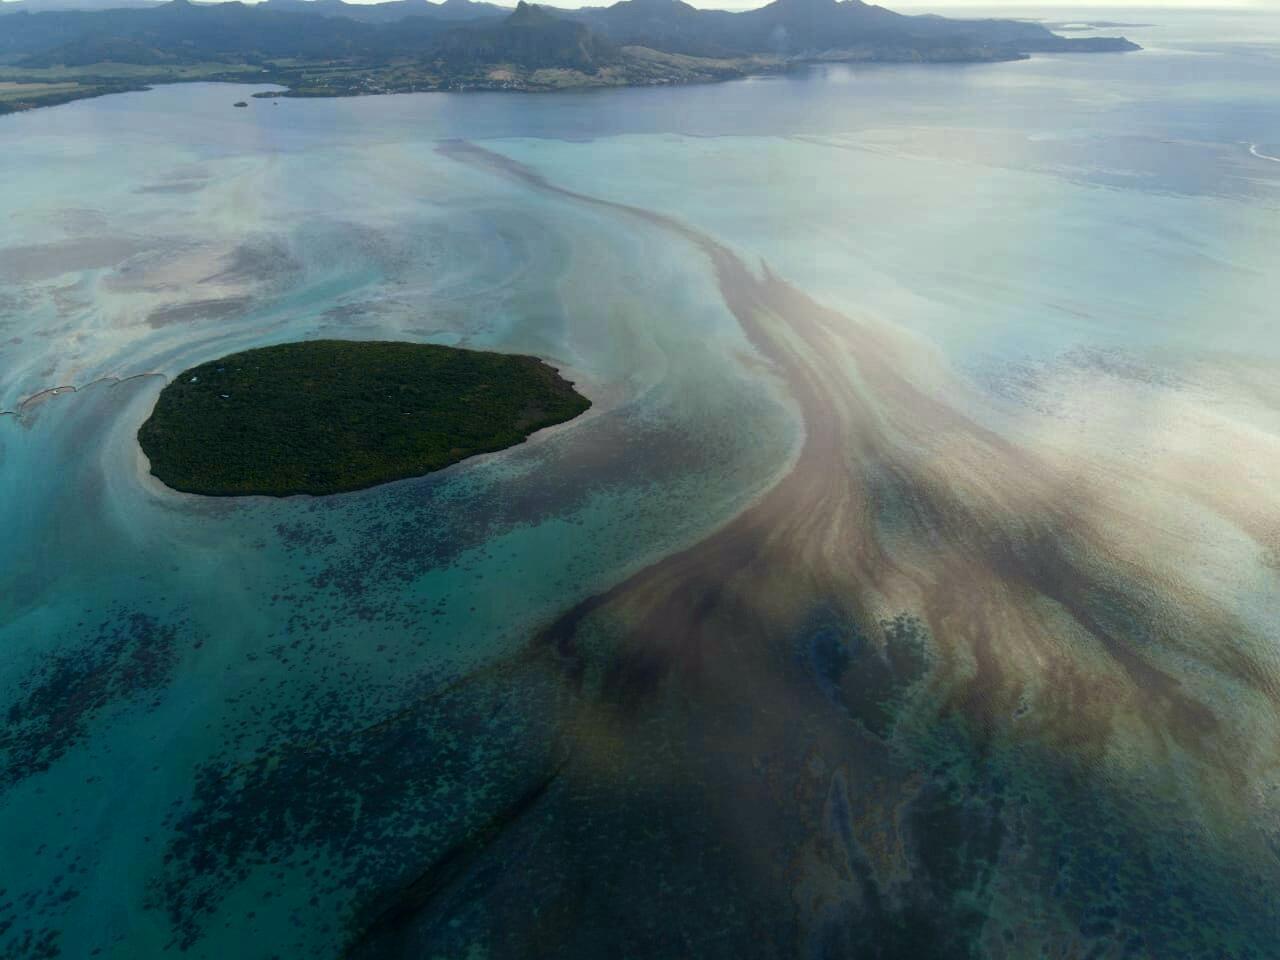 Mauritius oil spill Ile aux Aigrettes